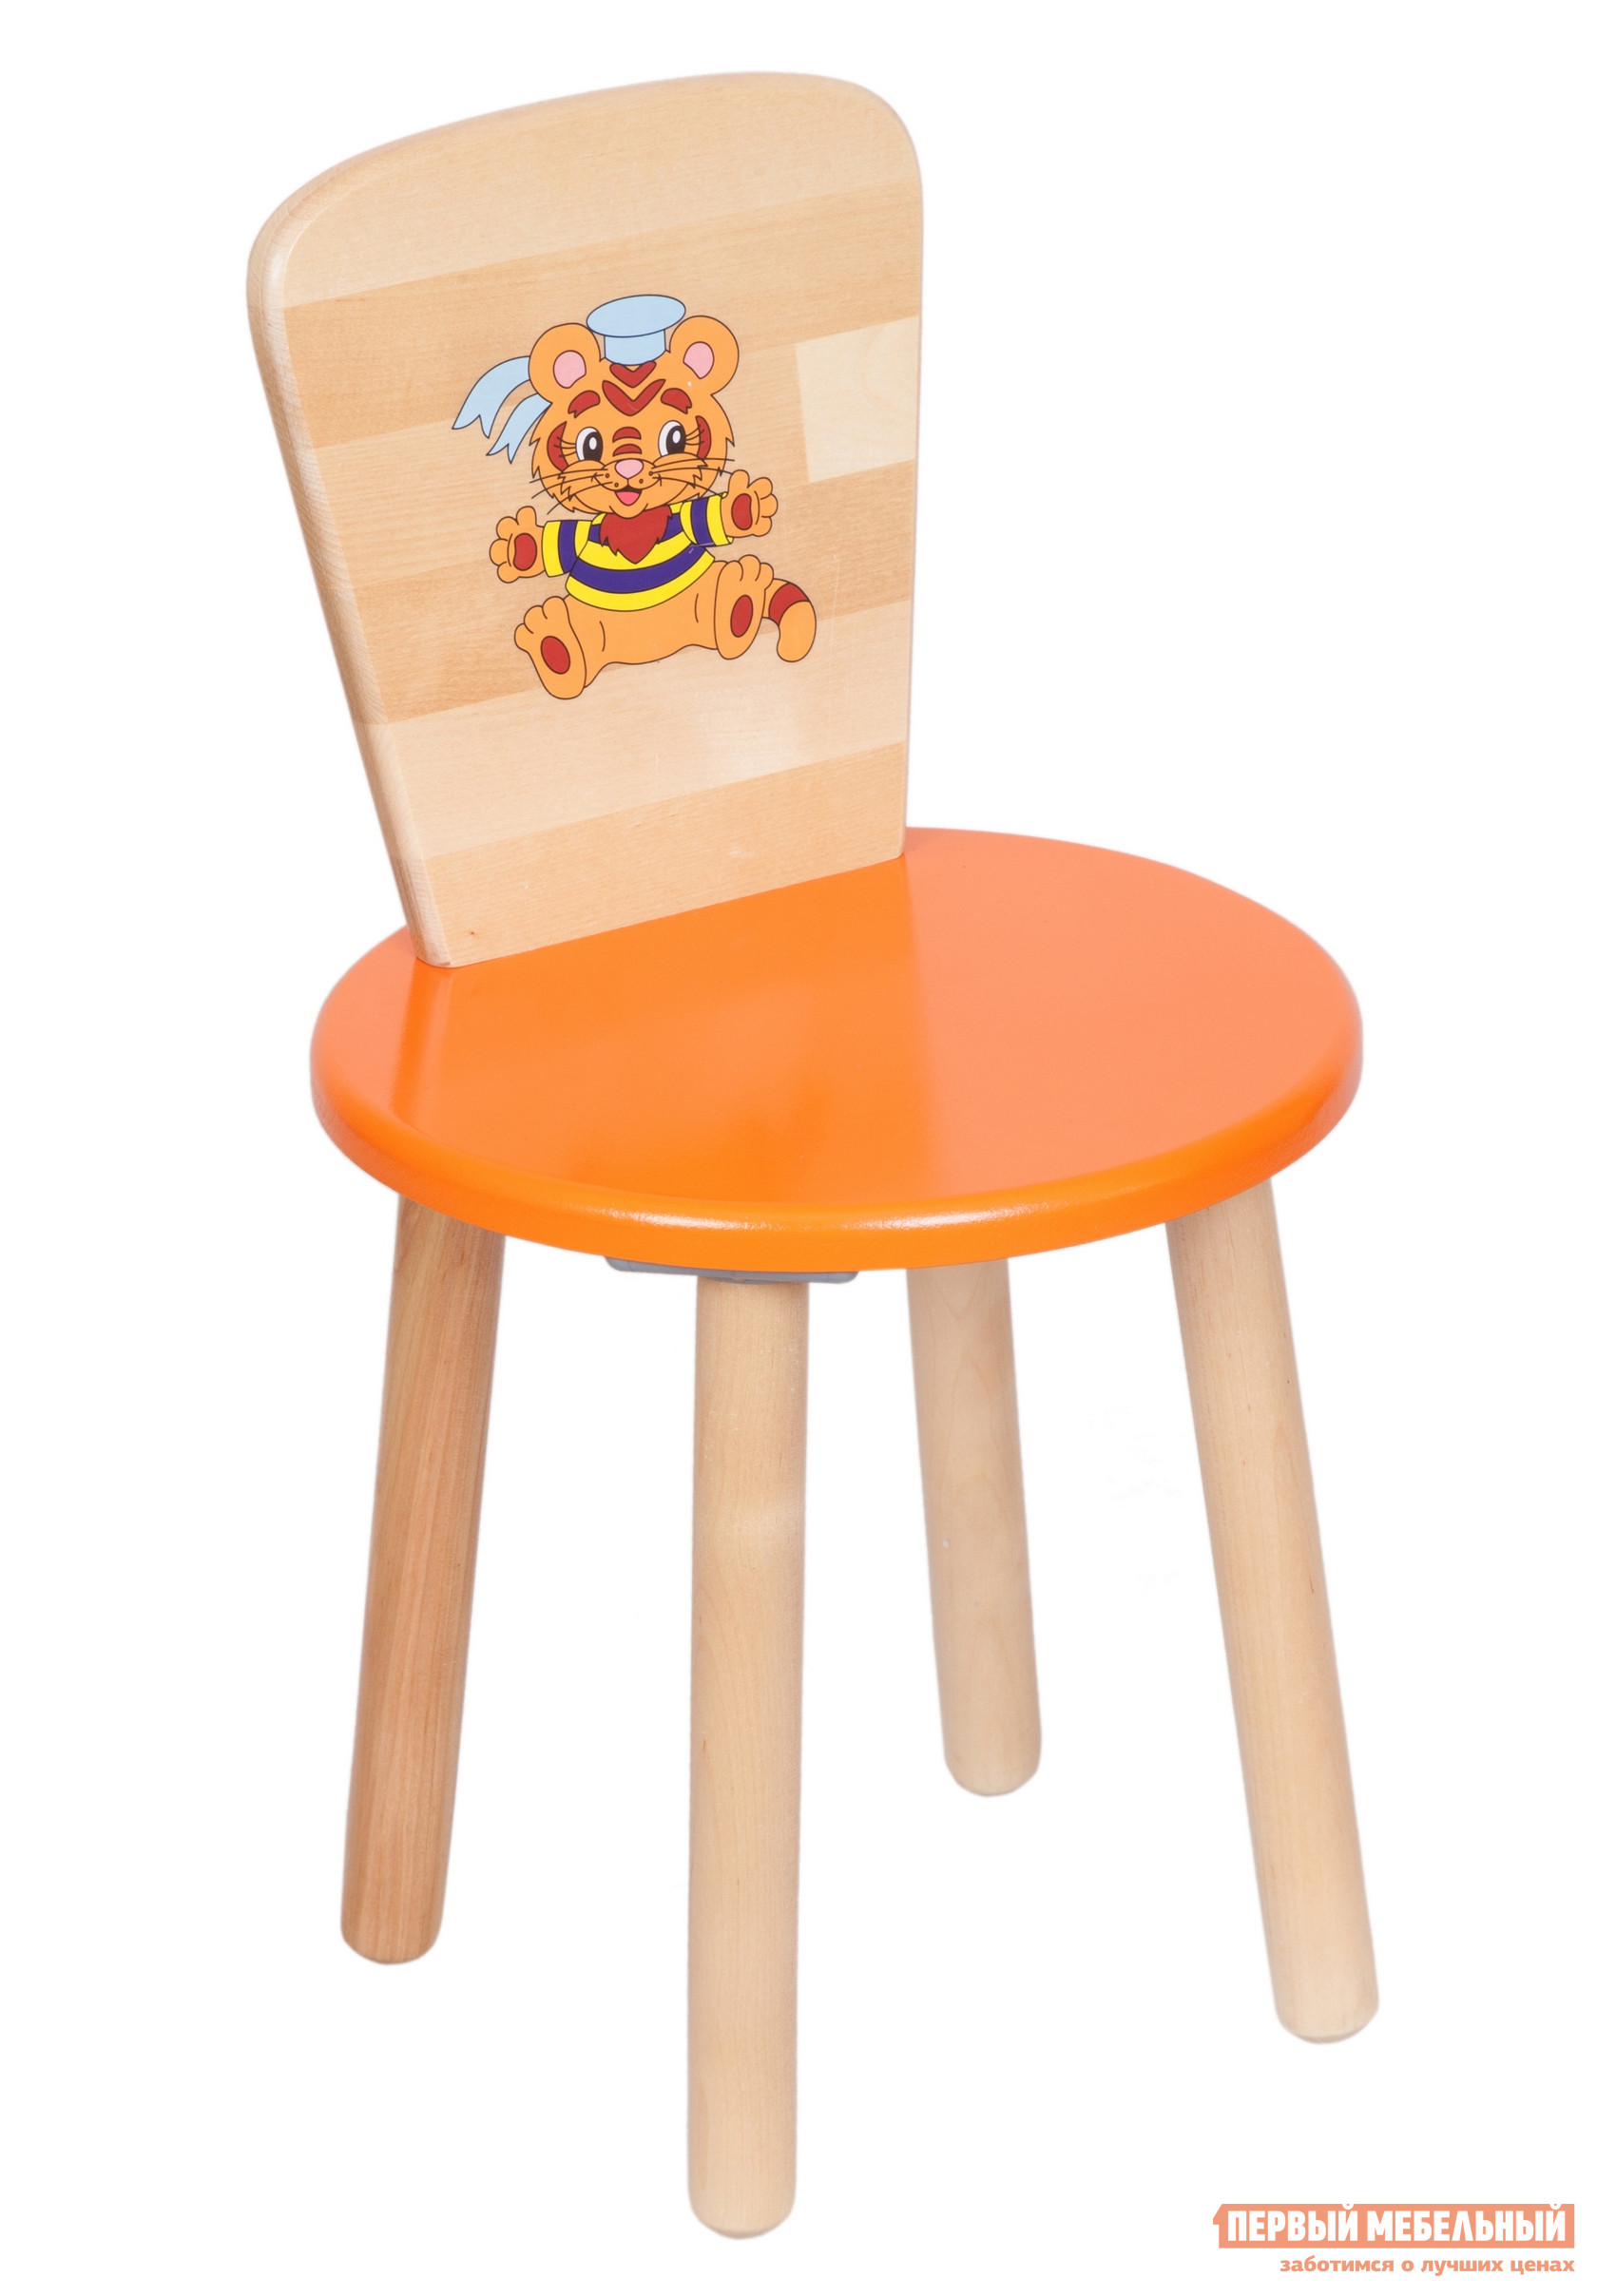 Фото Столик и стульчик РусЭкоМебель Стул Круглый ЭКО Эко оранжевый, рис. Тигренок. Купить с доставкой